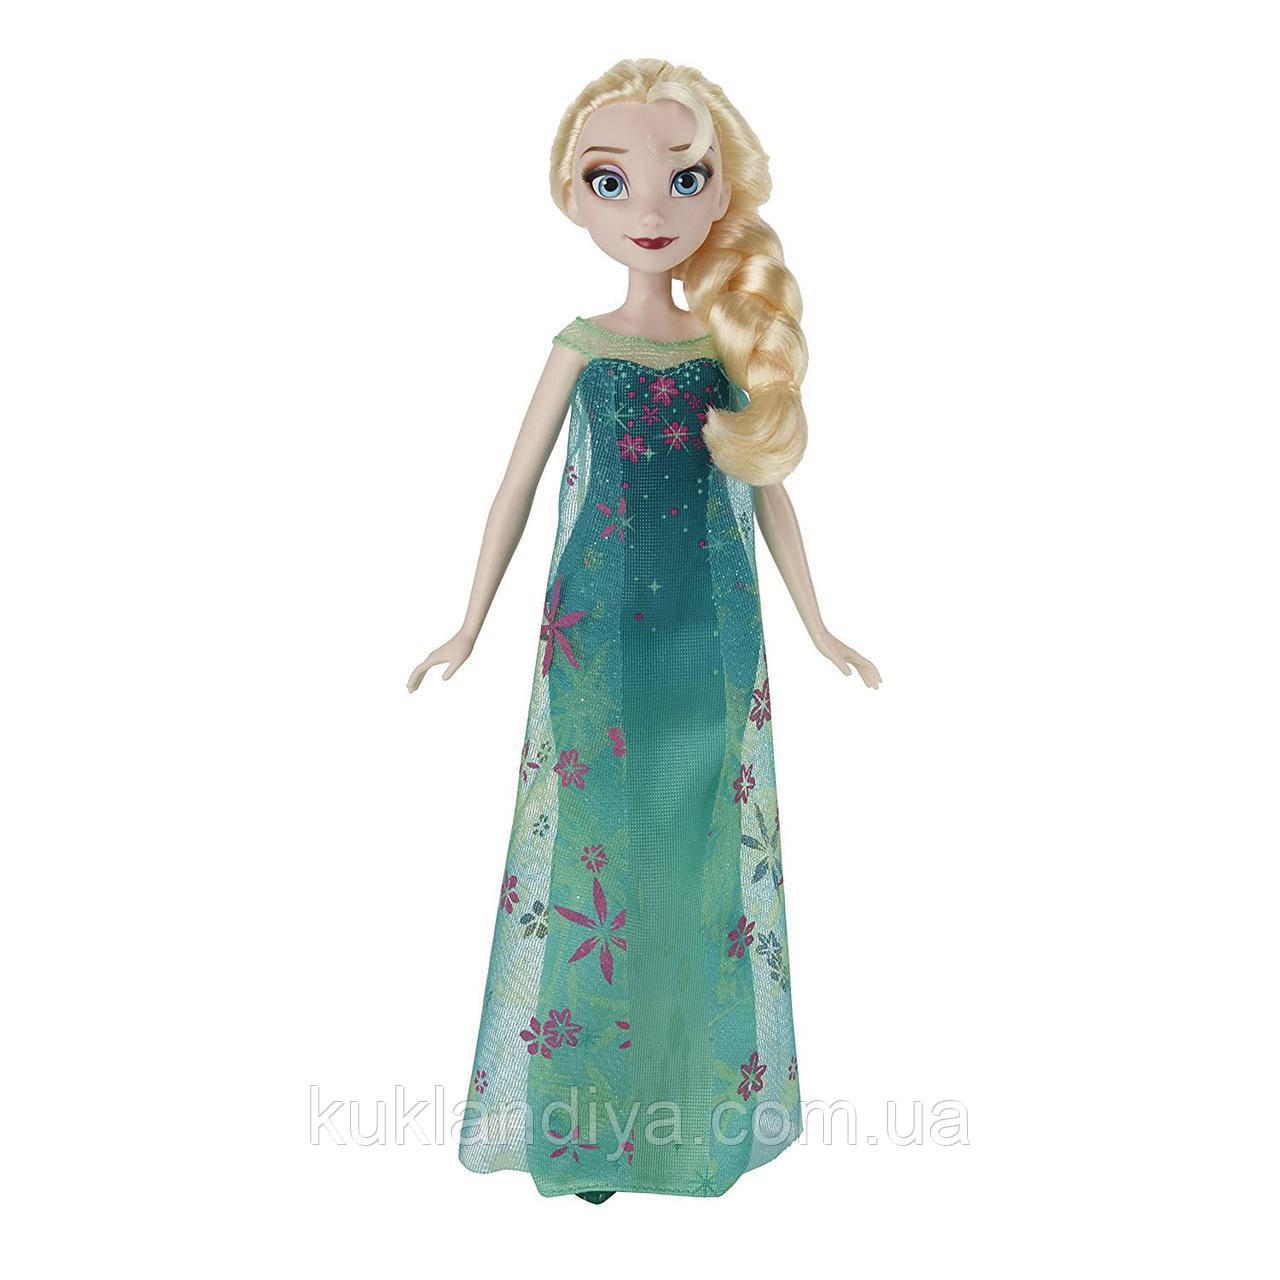 Лялька Ельза Холодне серце Дісней Хасбро